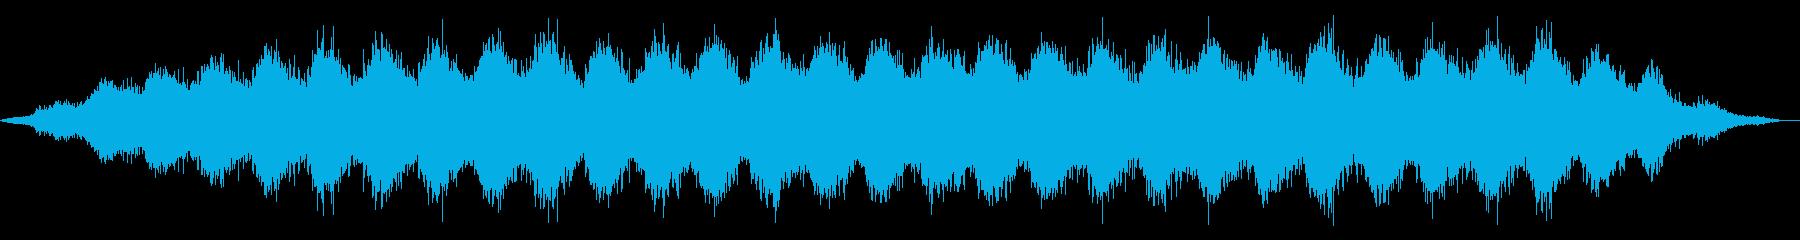 ヨガとマッサージ。ゆっくりと長い波。の再生済みの波形